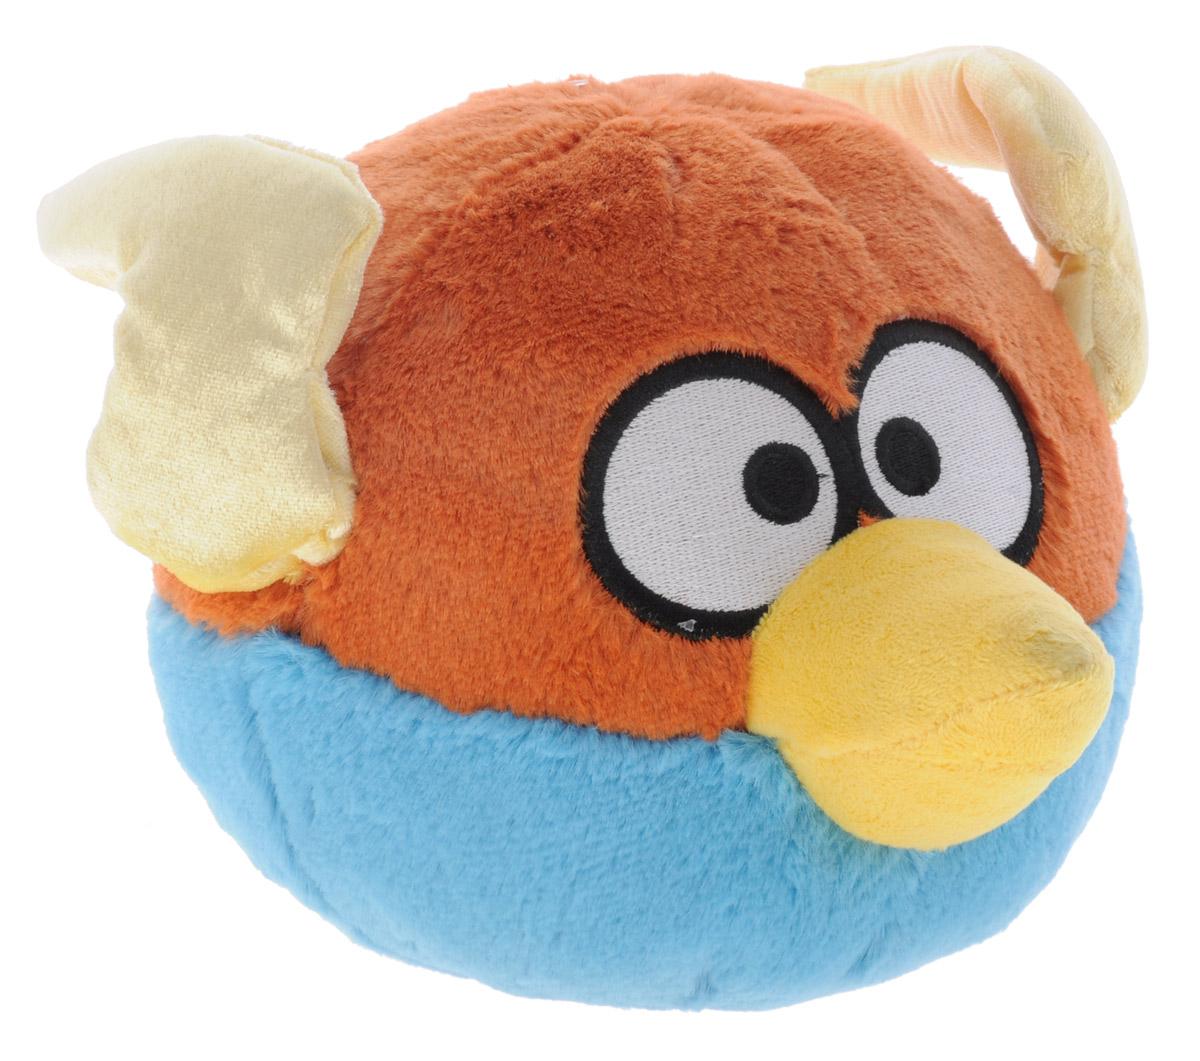 Angry Birds Мягкая озвученная игрушка цвет коричневый голубой 14 см92670_коричневый,голубойМягкая озвученная игрушка Angry Birds подарит вашему ребенку много радости и веселья. Удивительно приятная на ощупь игрушка выполнена в виде птички - персонажа популярной игры Angry Birds. При нажатии на кнопку, расположенную на макушке, игрушка начинает смеяться и издавать забавные звуки. Чудесная мягкая игрушка непременно поднимет настроение своему обладателю и станет замечательным подарком к любому празднику. Игрушка работает от незаменяемых батареек.